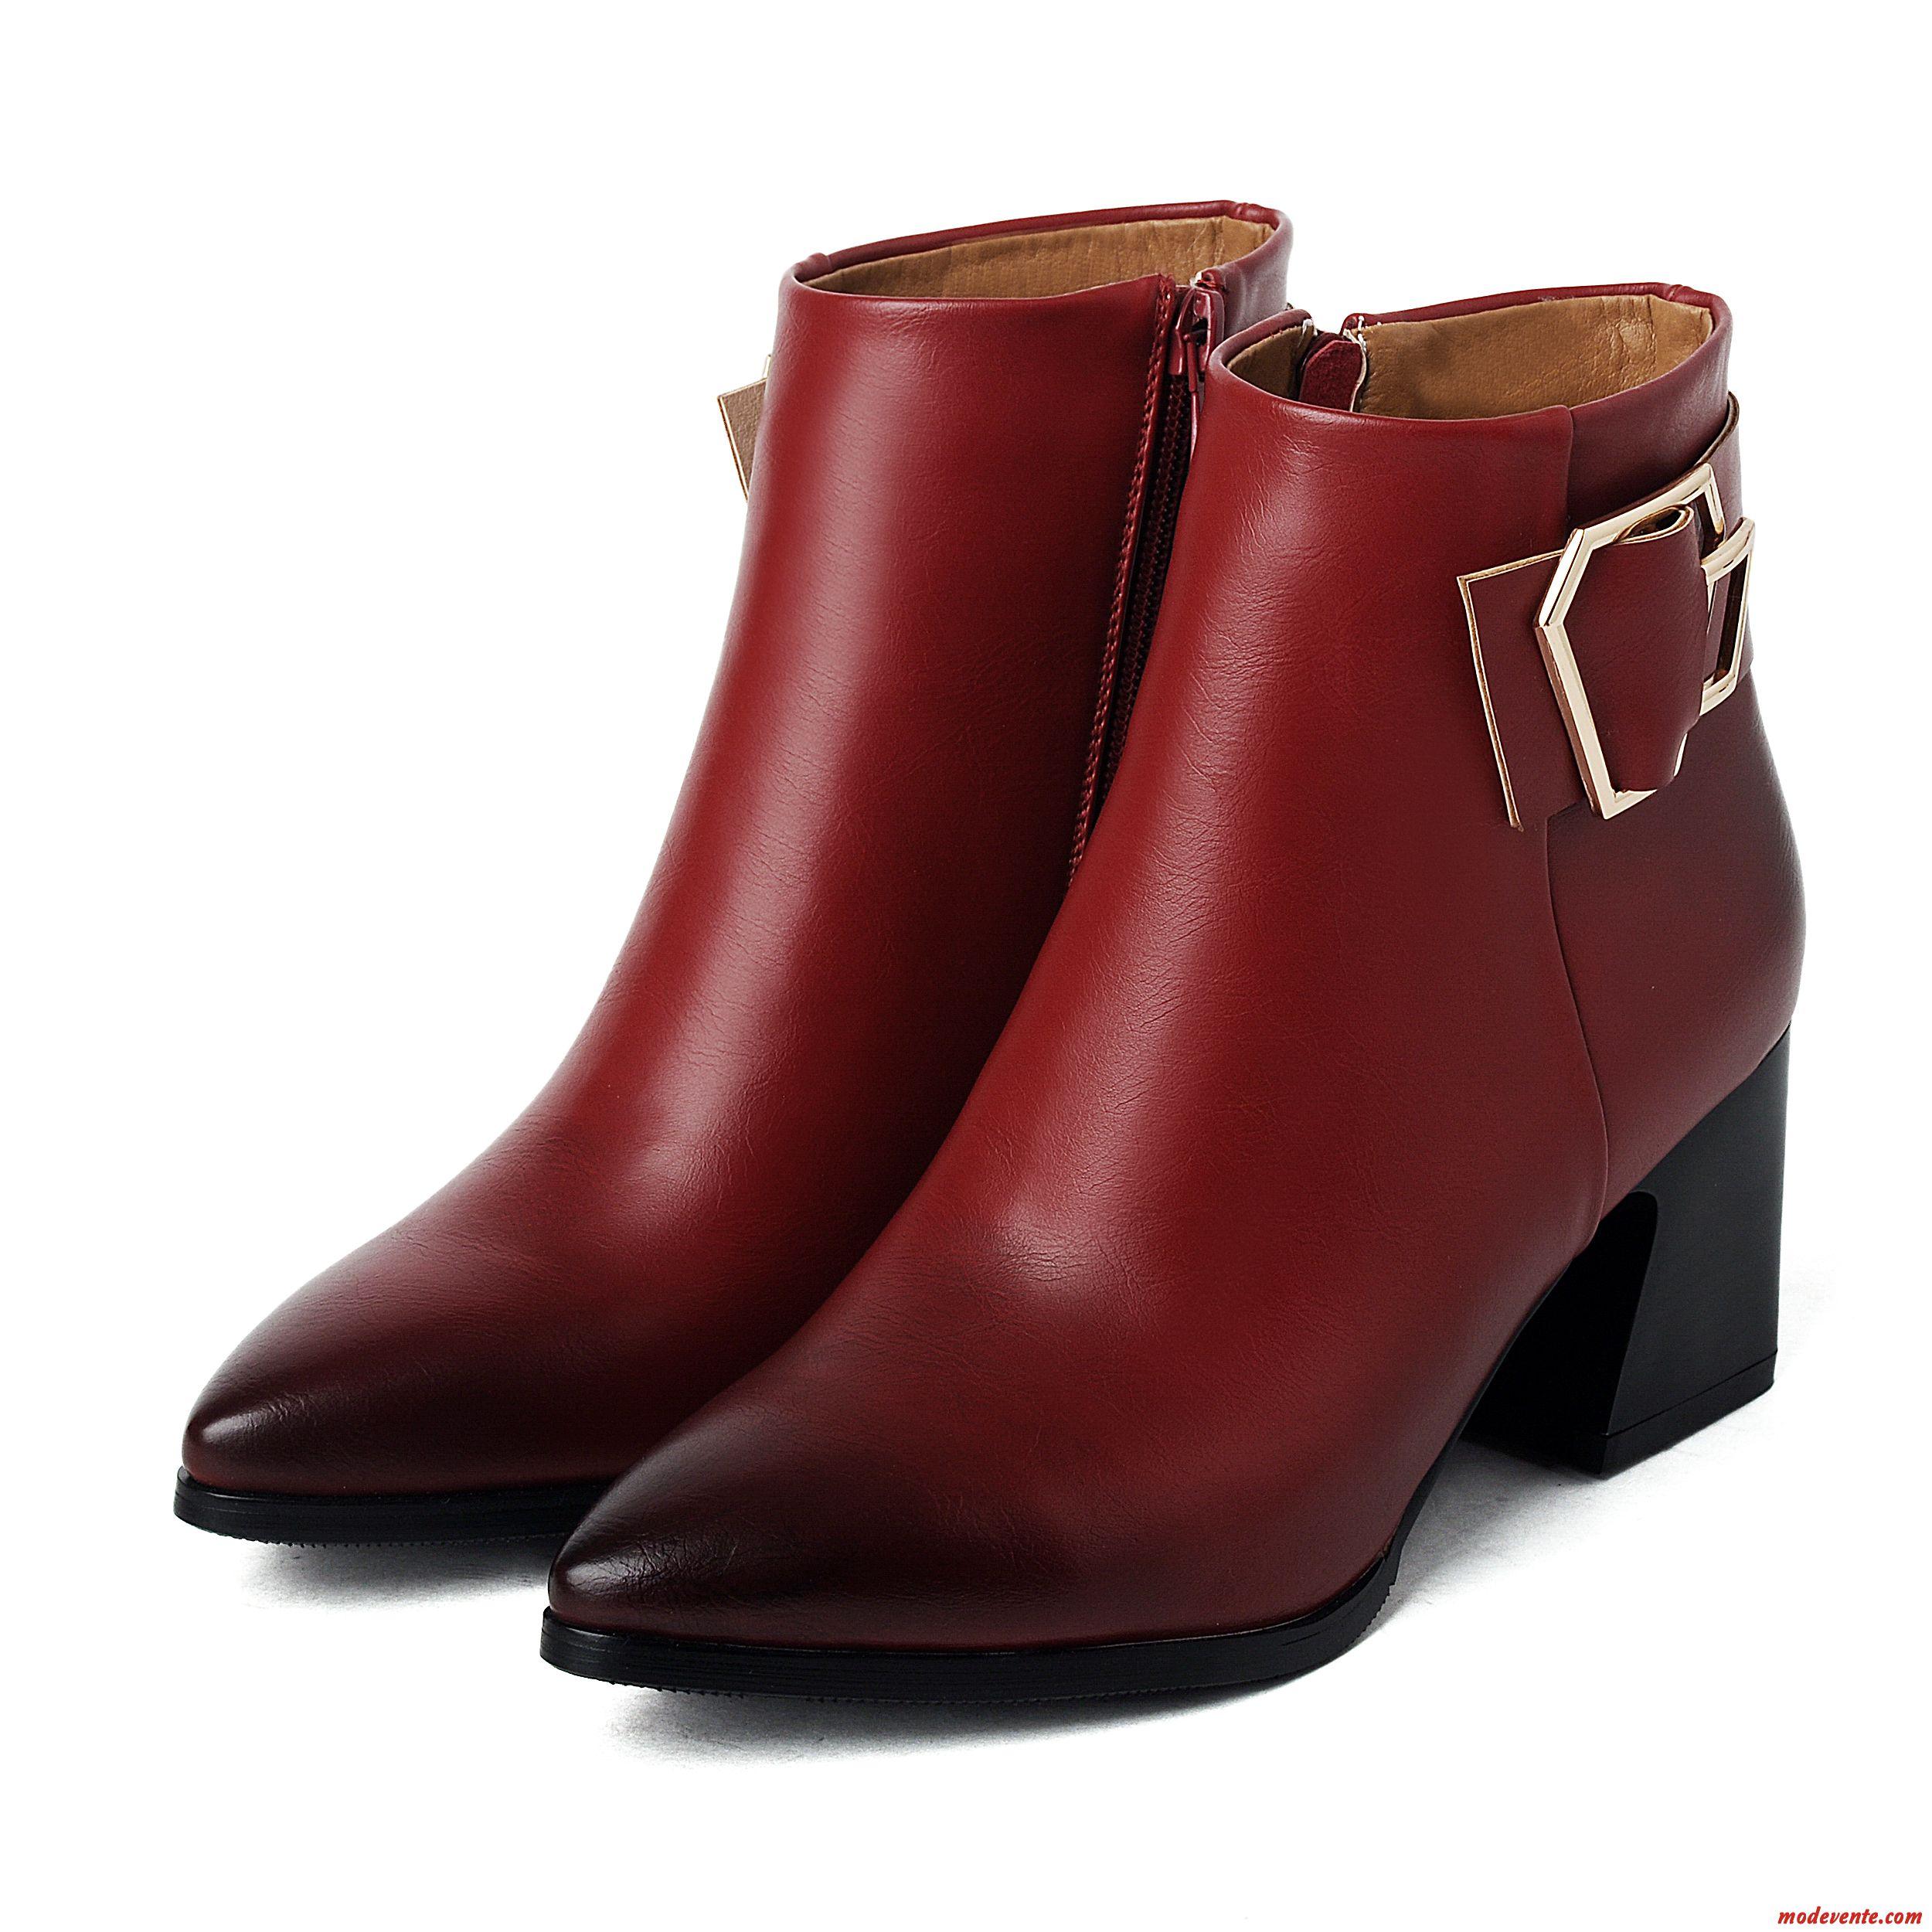 chaussures d hiver femme pas cher bleu aigue marine rose. Black Bedroom Furniture Sets. Home Design Ideas